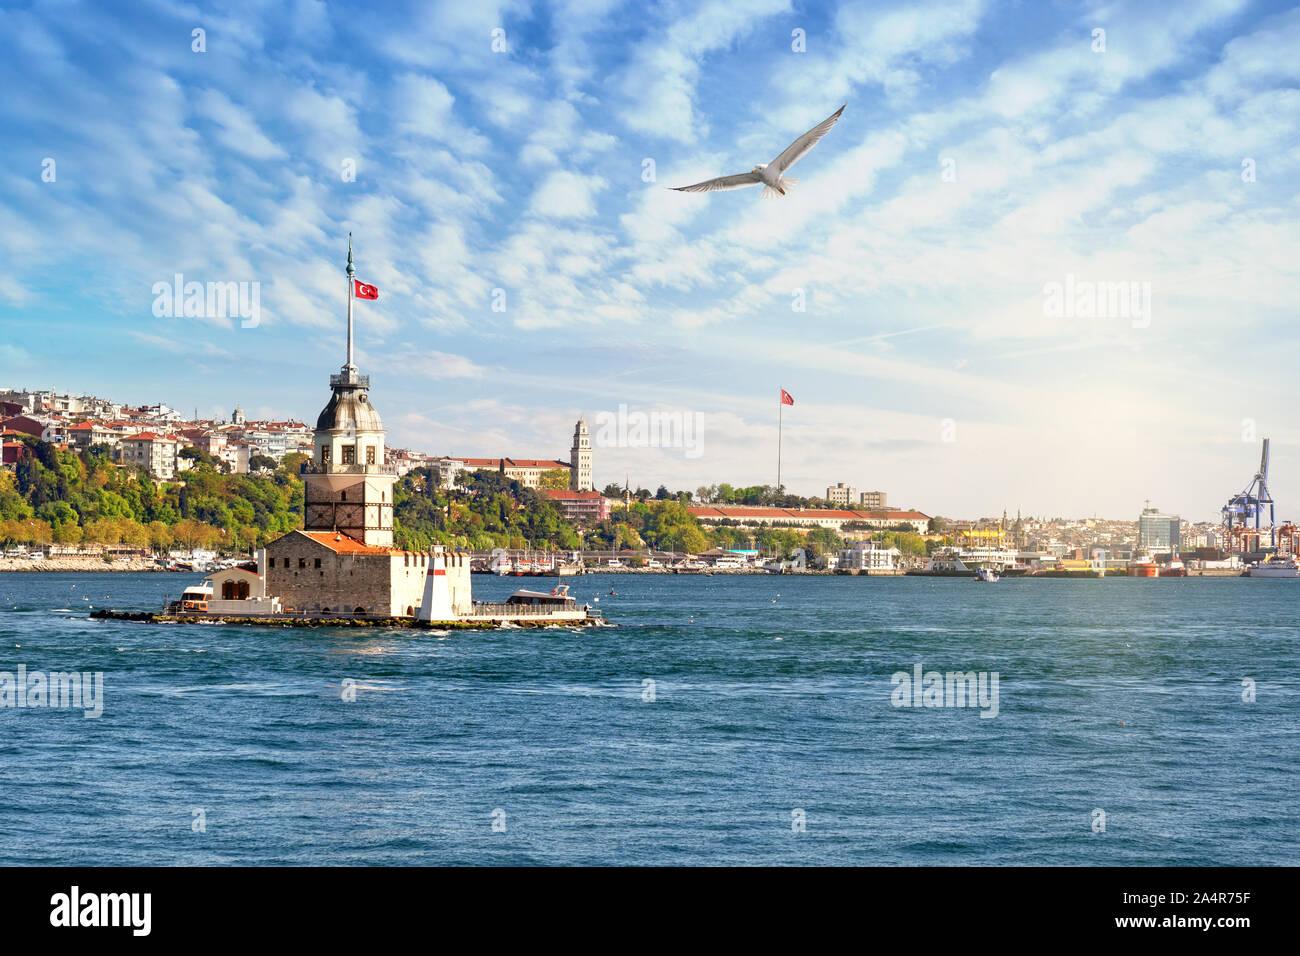 Tour dans le détroit du Bosphore sous le soleil clair. Mouette dans le ciel. Istanbul, Turquie Banque D'Images